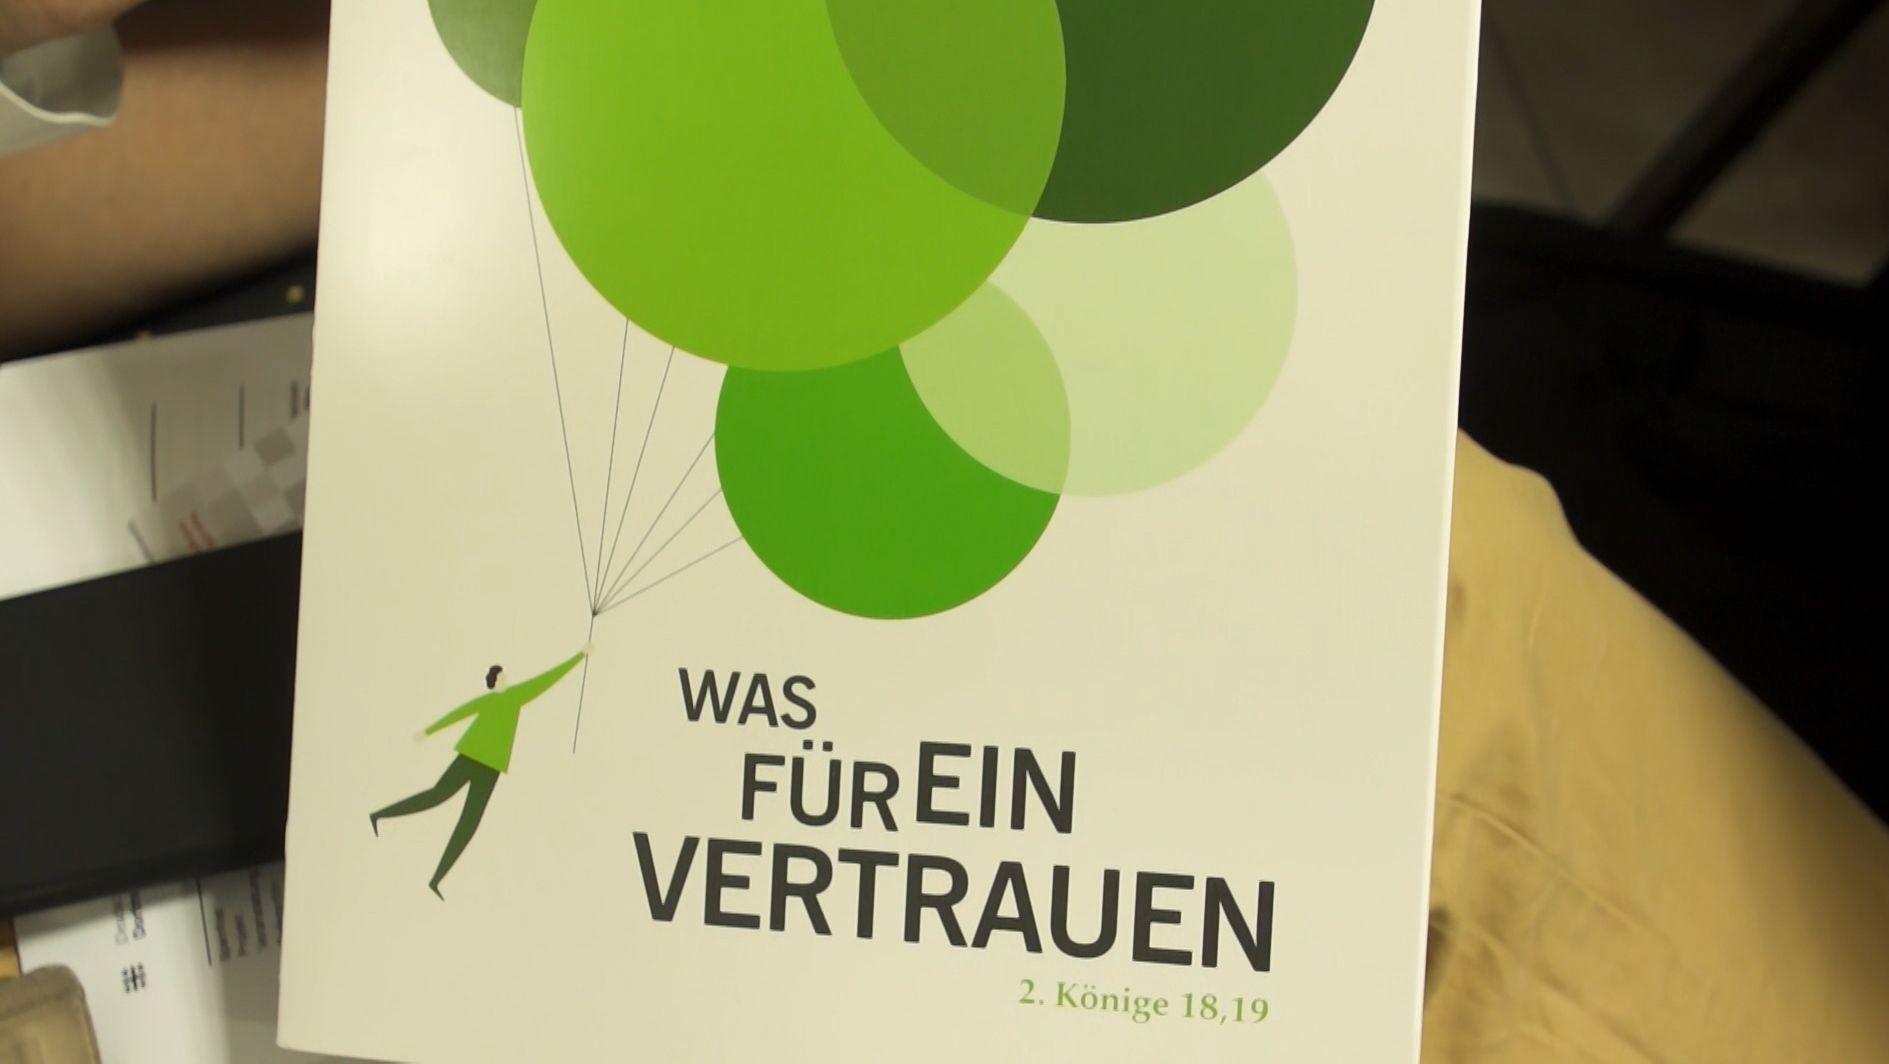 Der 37. Deutsche evangelische Kirchentag will ganz bewusst mit Mut in die Zukunft schauen.